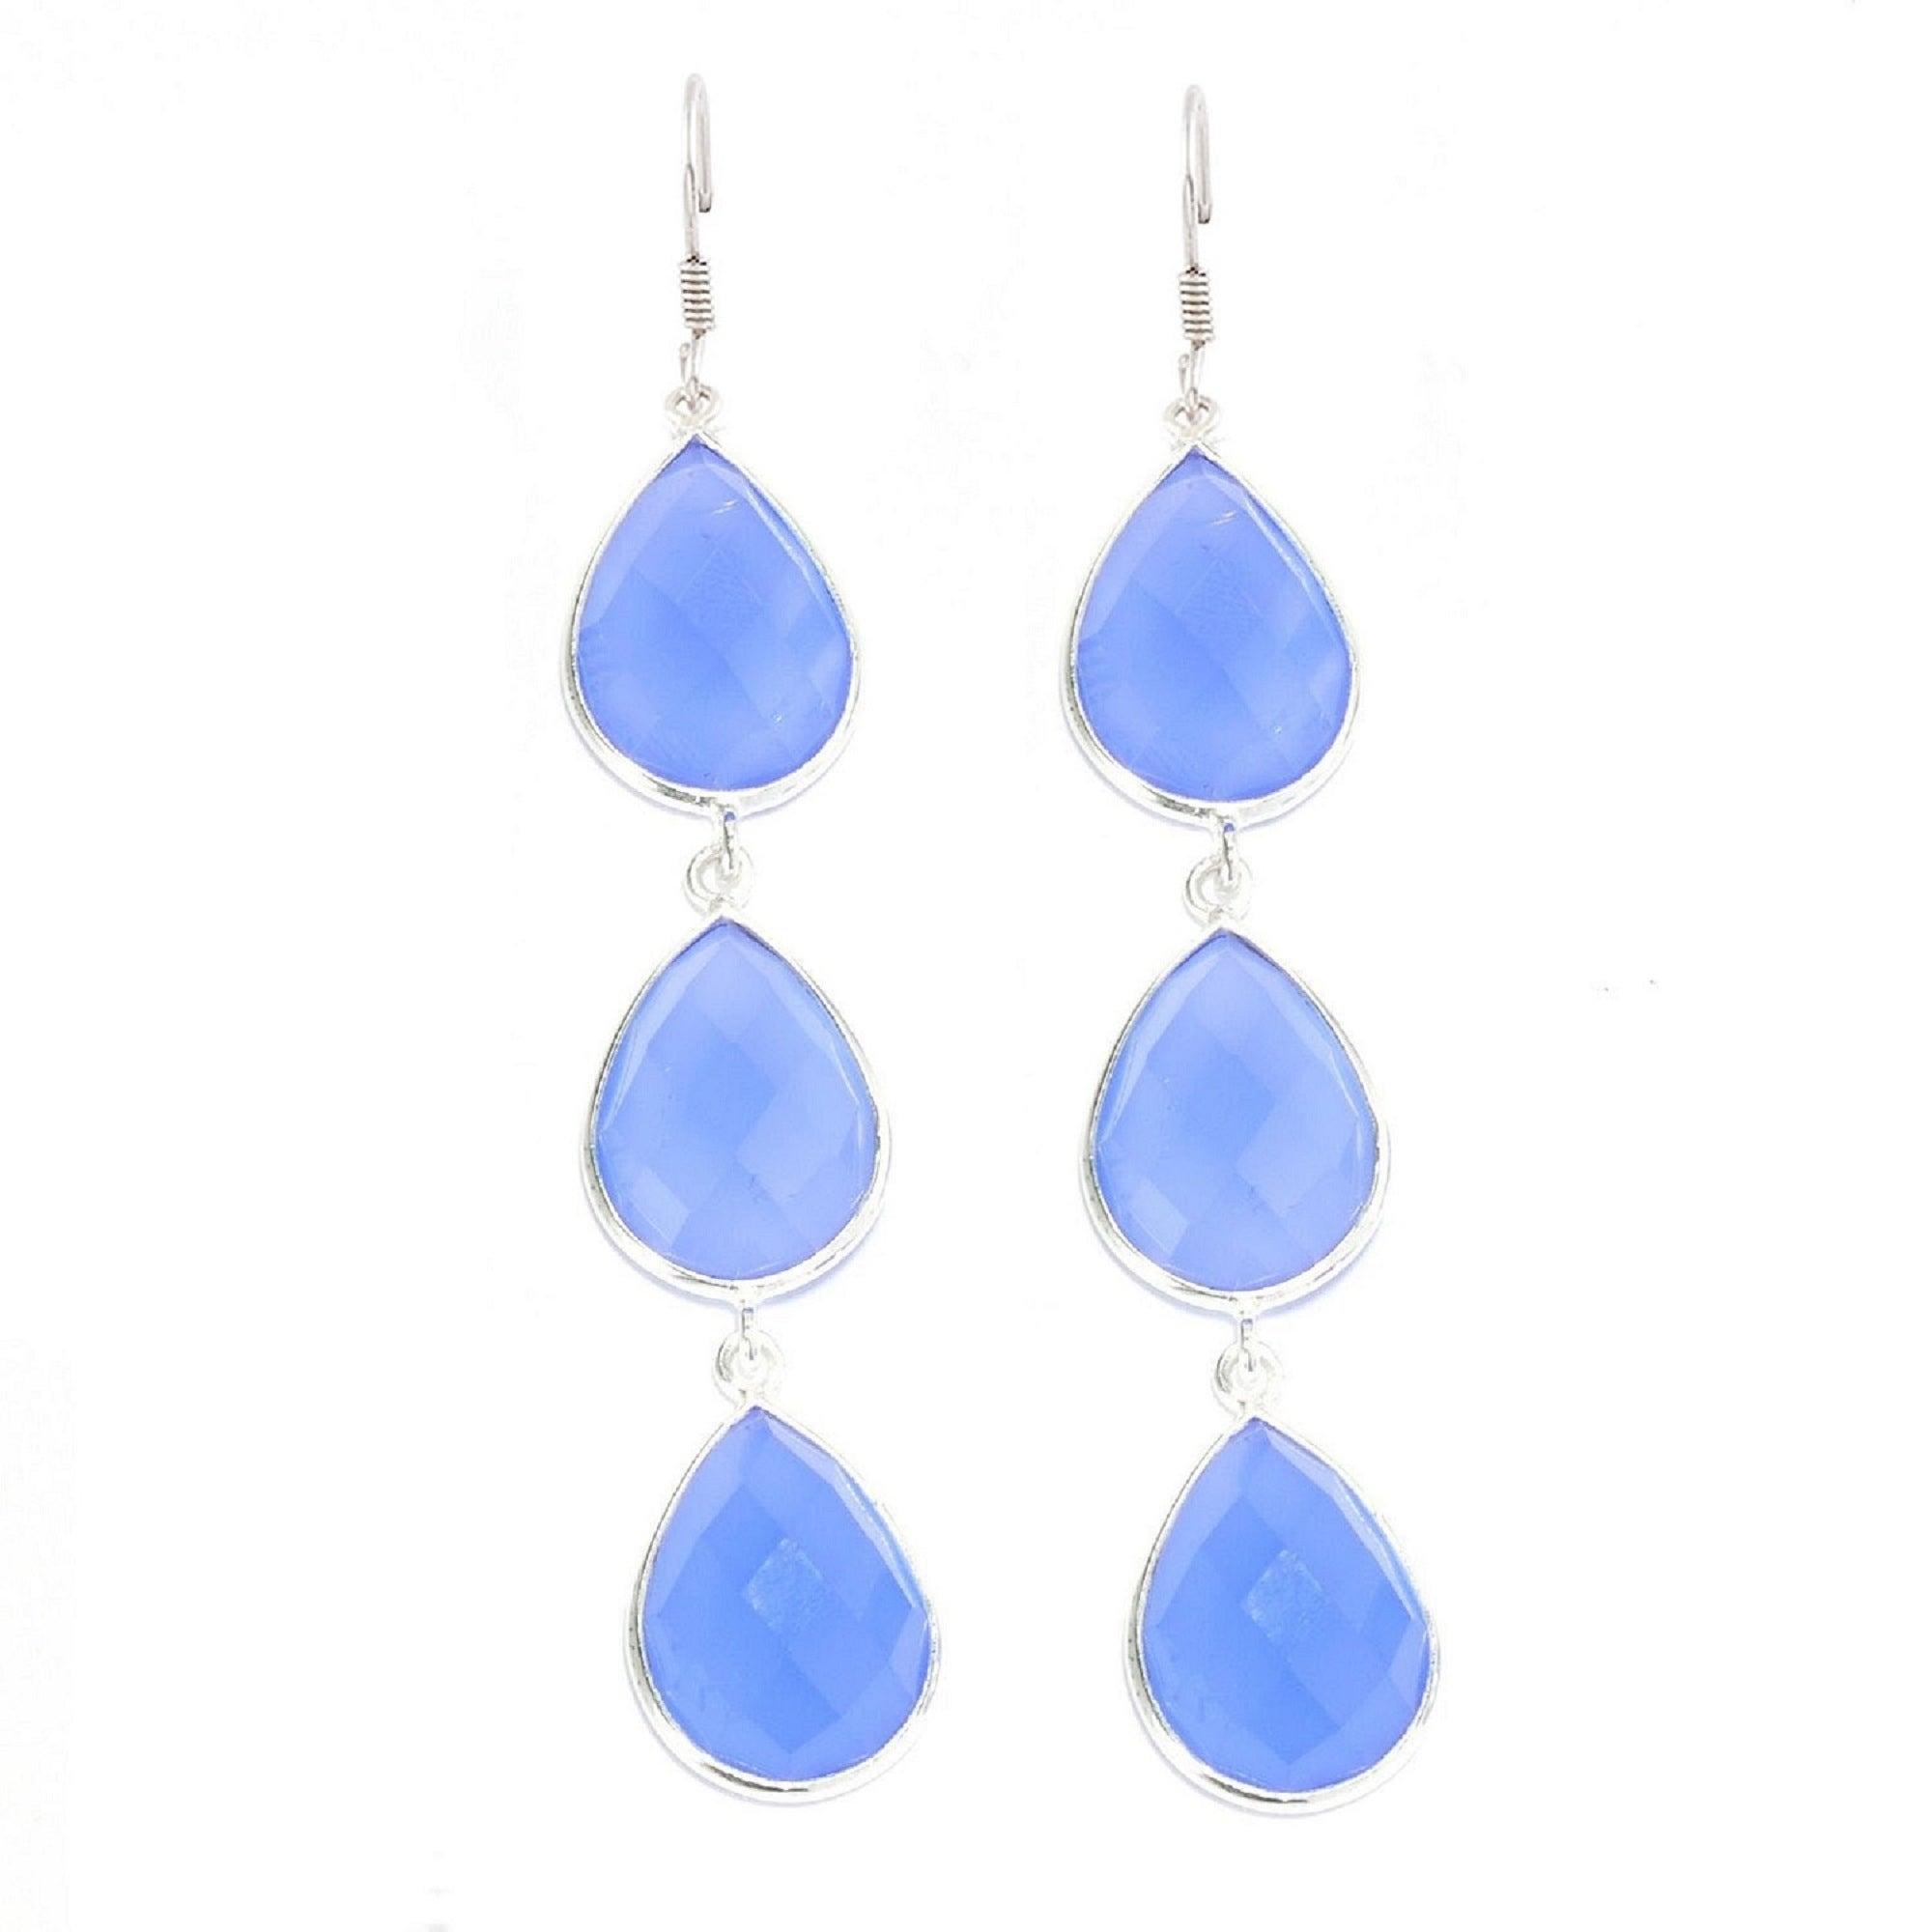 Pretty Vintage Style Blue /& Black Long Drop Dangly Earrings Chalcedony Hematite